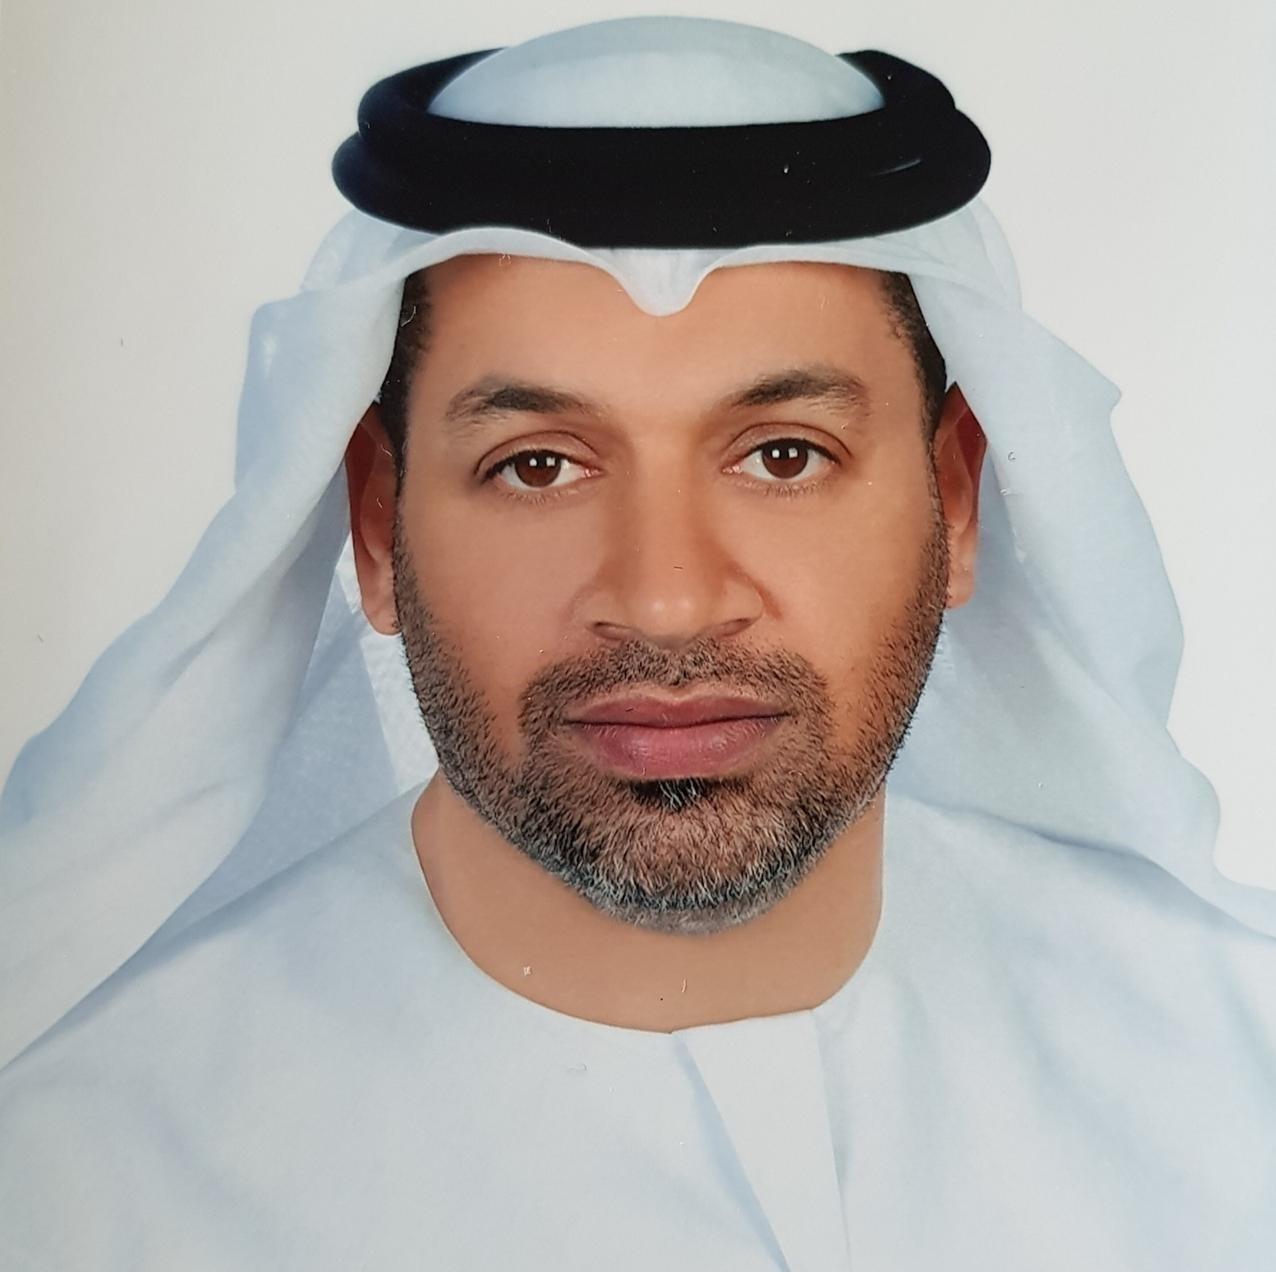 الباحث - عادل عبدالله حميد